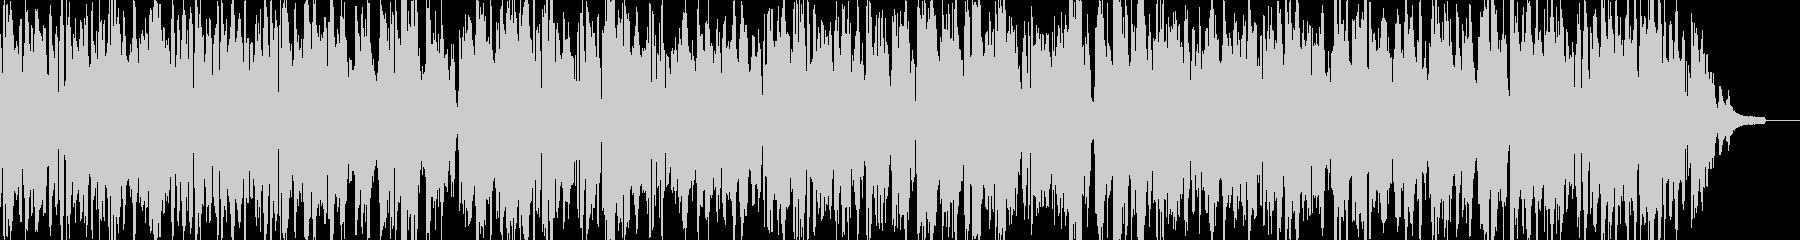 サックスがめっちゃ官能的なスロージャズの未再生の波形